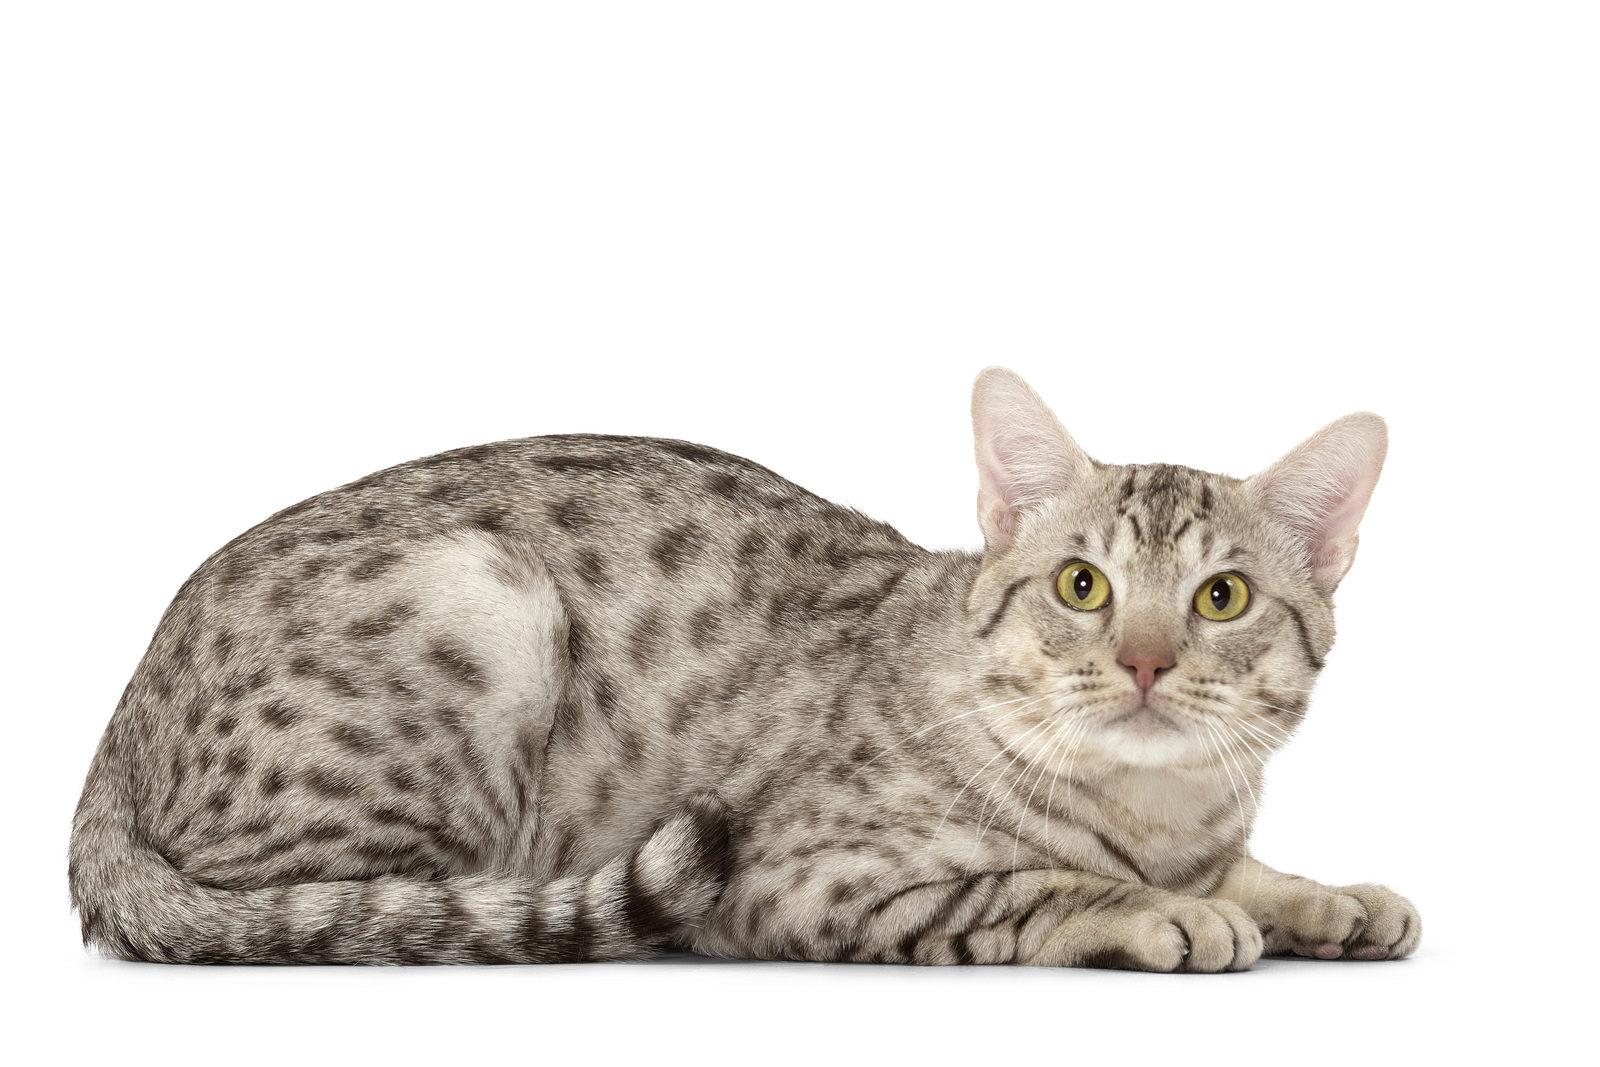 О породе кошек Оцикет